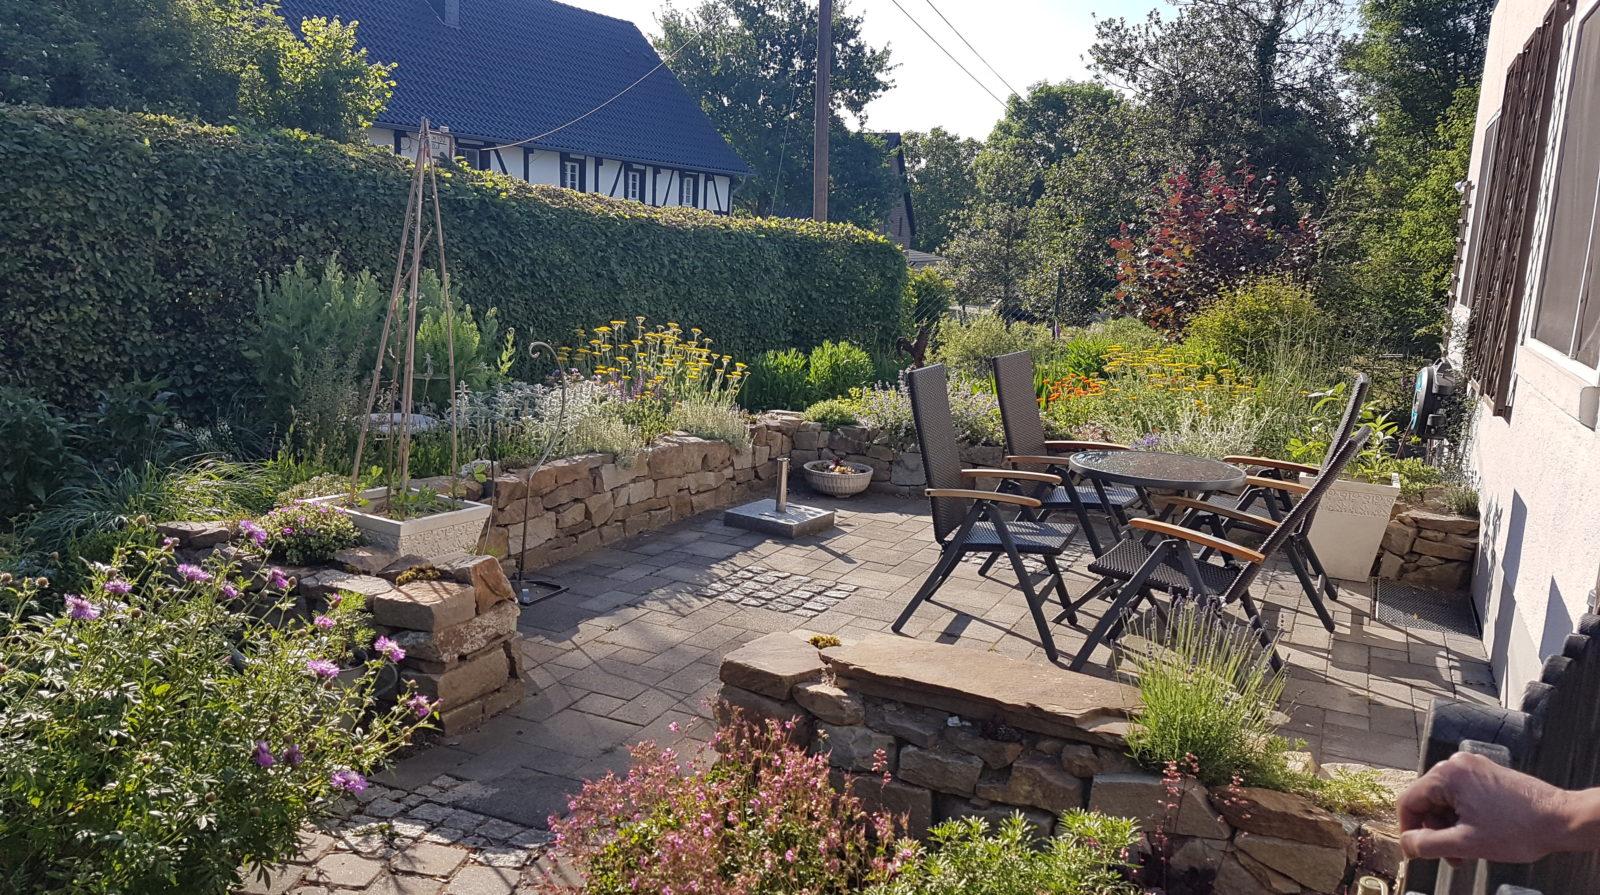 Bepflung Trockenmauern, Pflanzbeete Vorgarten